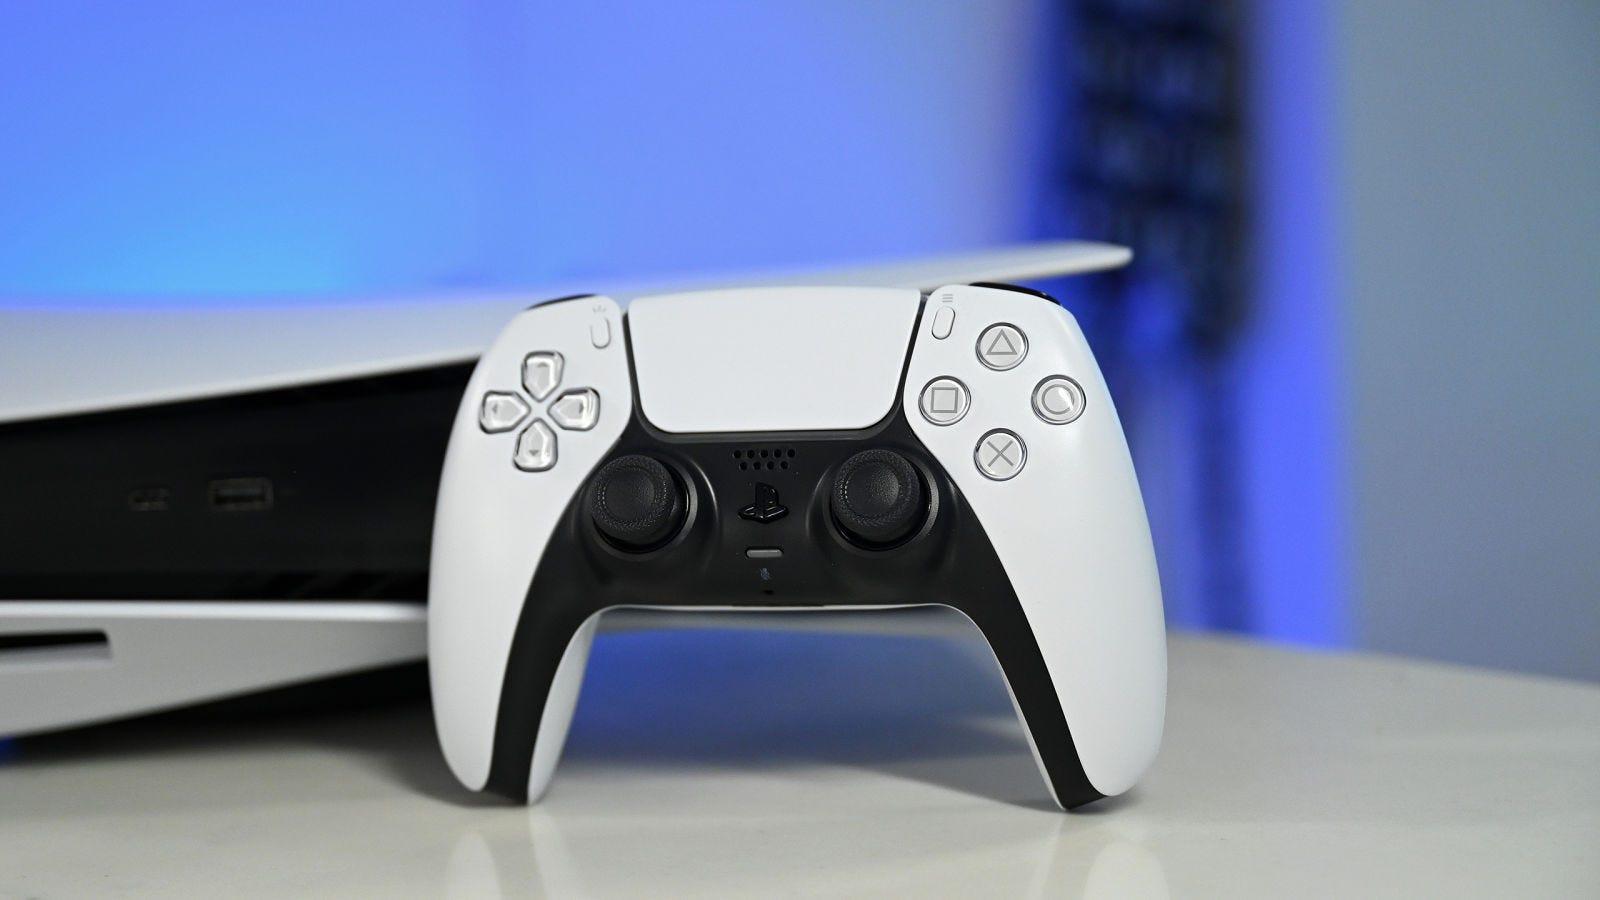 Illustration for article titled Probamos la PS5 y el nuevo DualSense (y sí, esta consola es enorme)